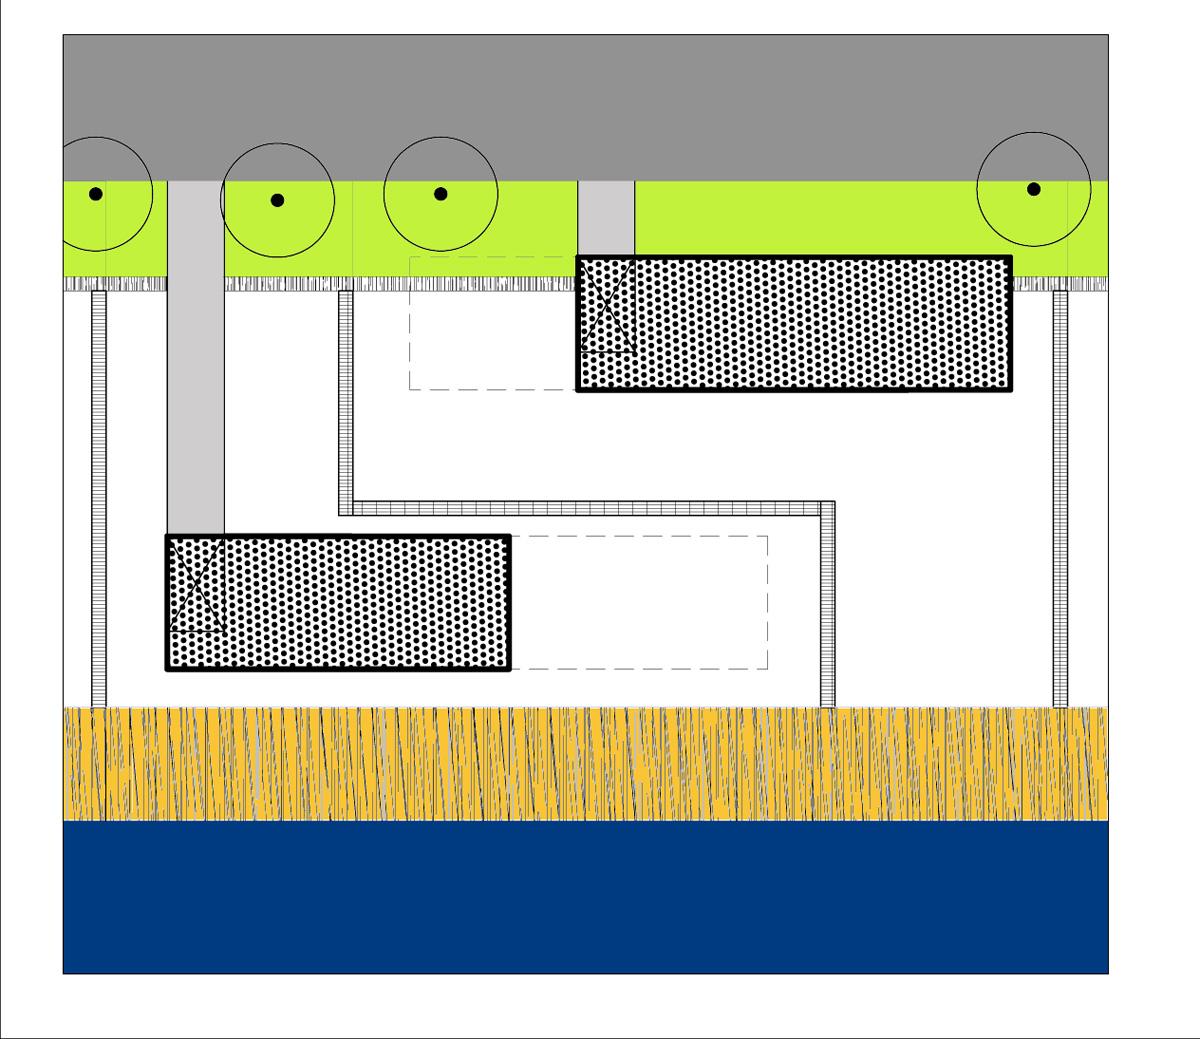 Diekman-landschapsarchitecten_stedenbouwkundigplan_floriande-eiland5_principe1